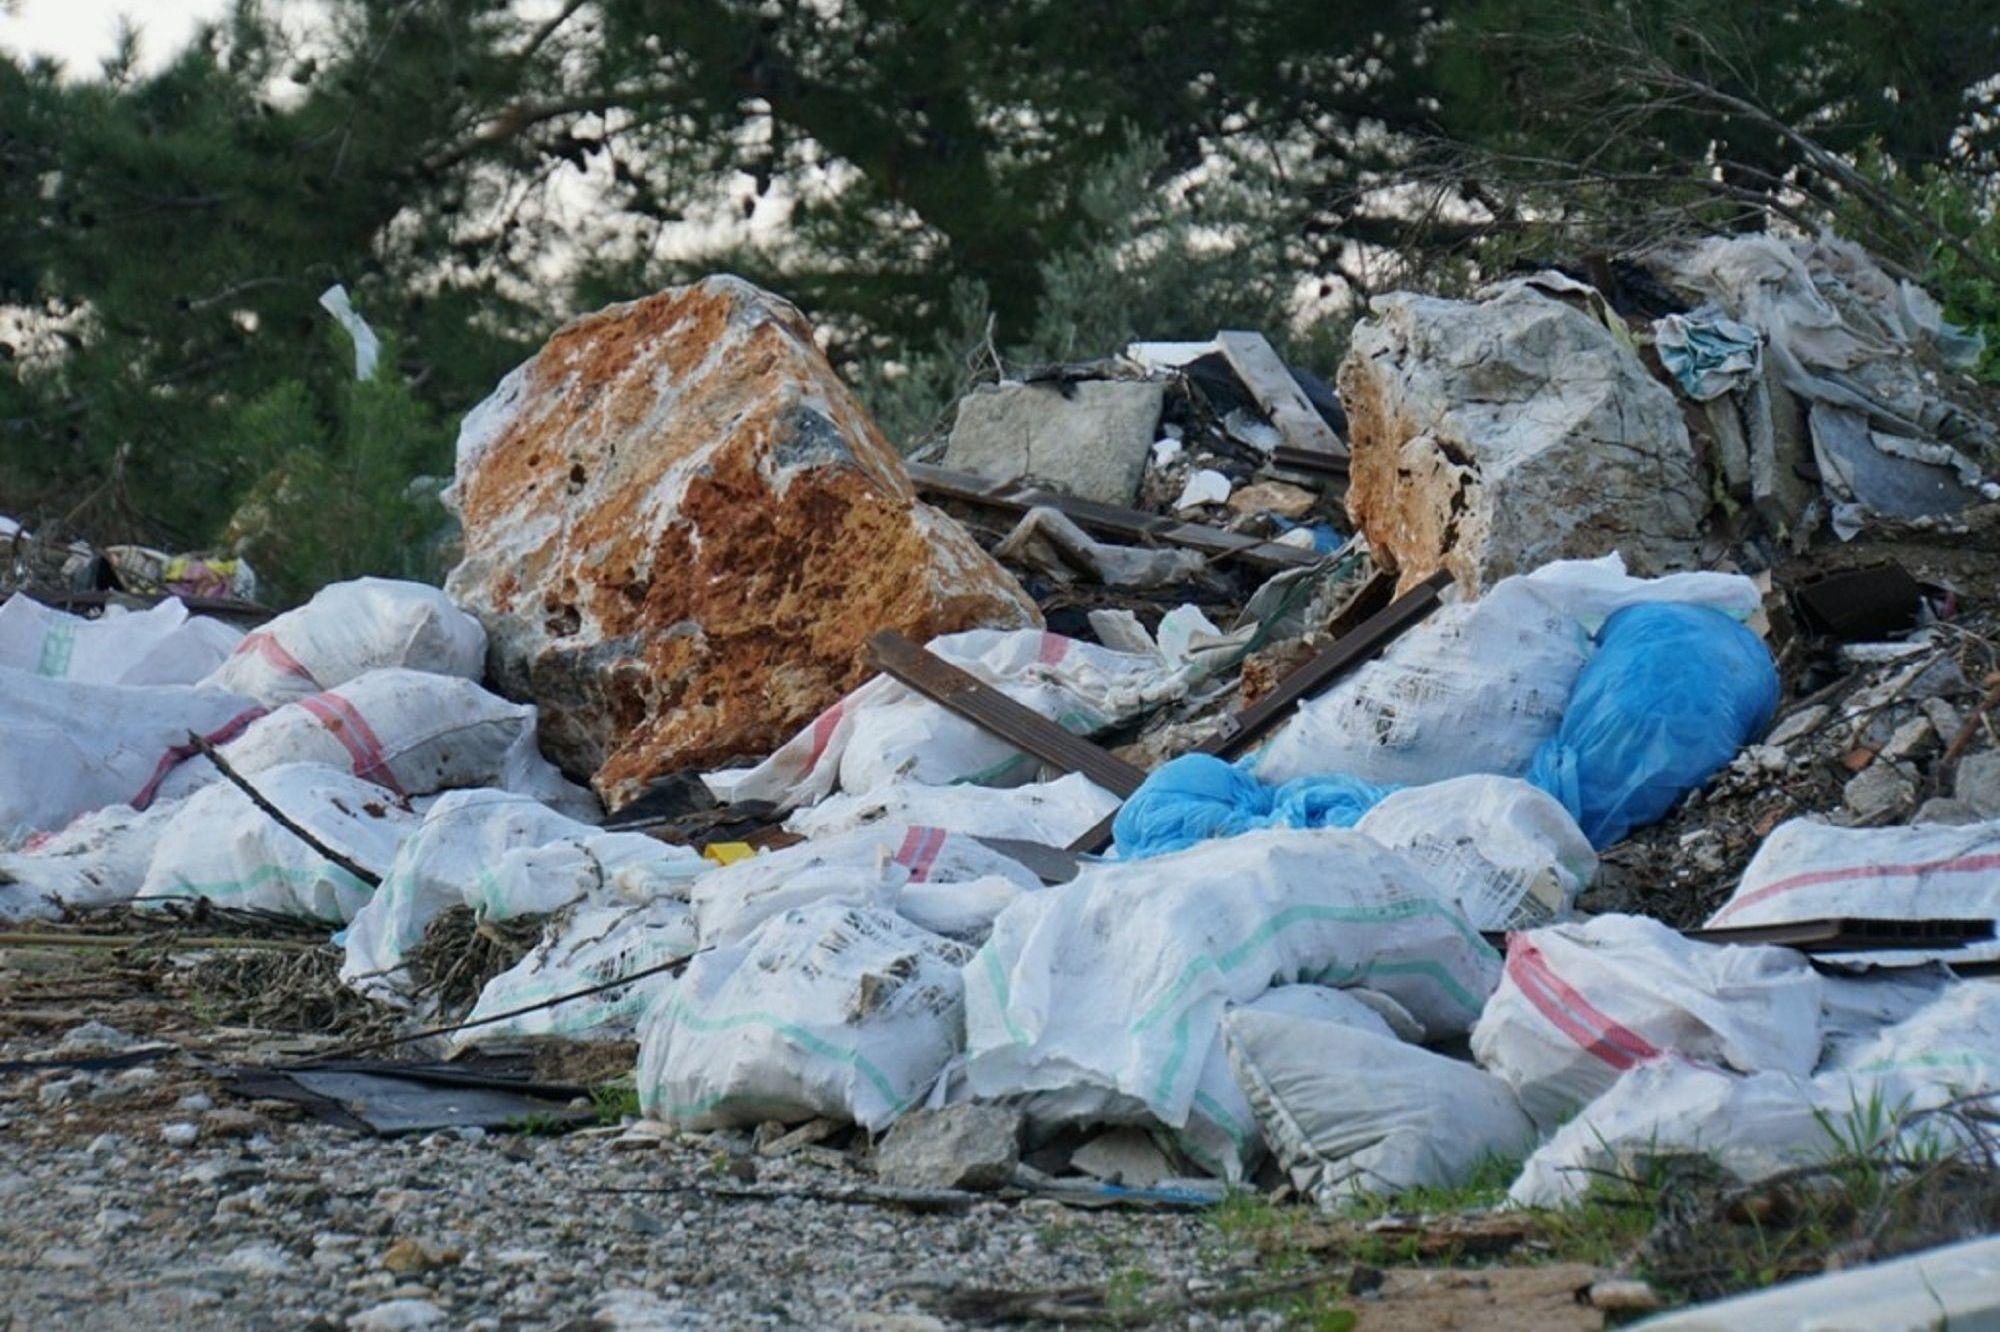 Bodrum'un ciğerlerini kaplayan çöpler Bodrum belediye ekiplerince temizlendi.